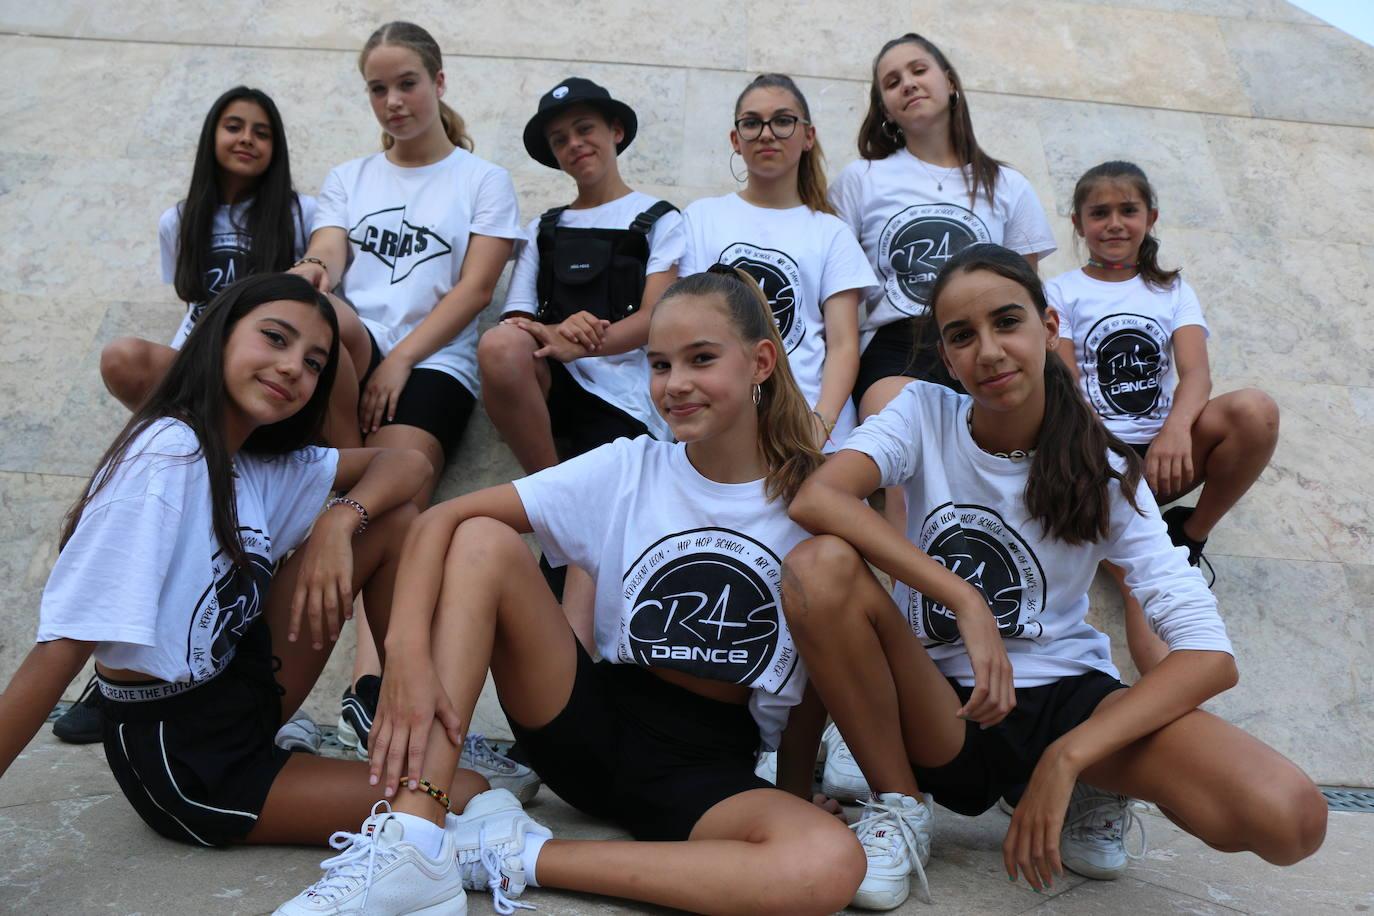 Escuela de danza Cras Dance